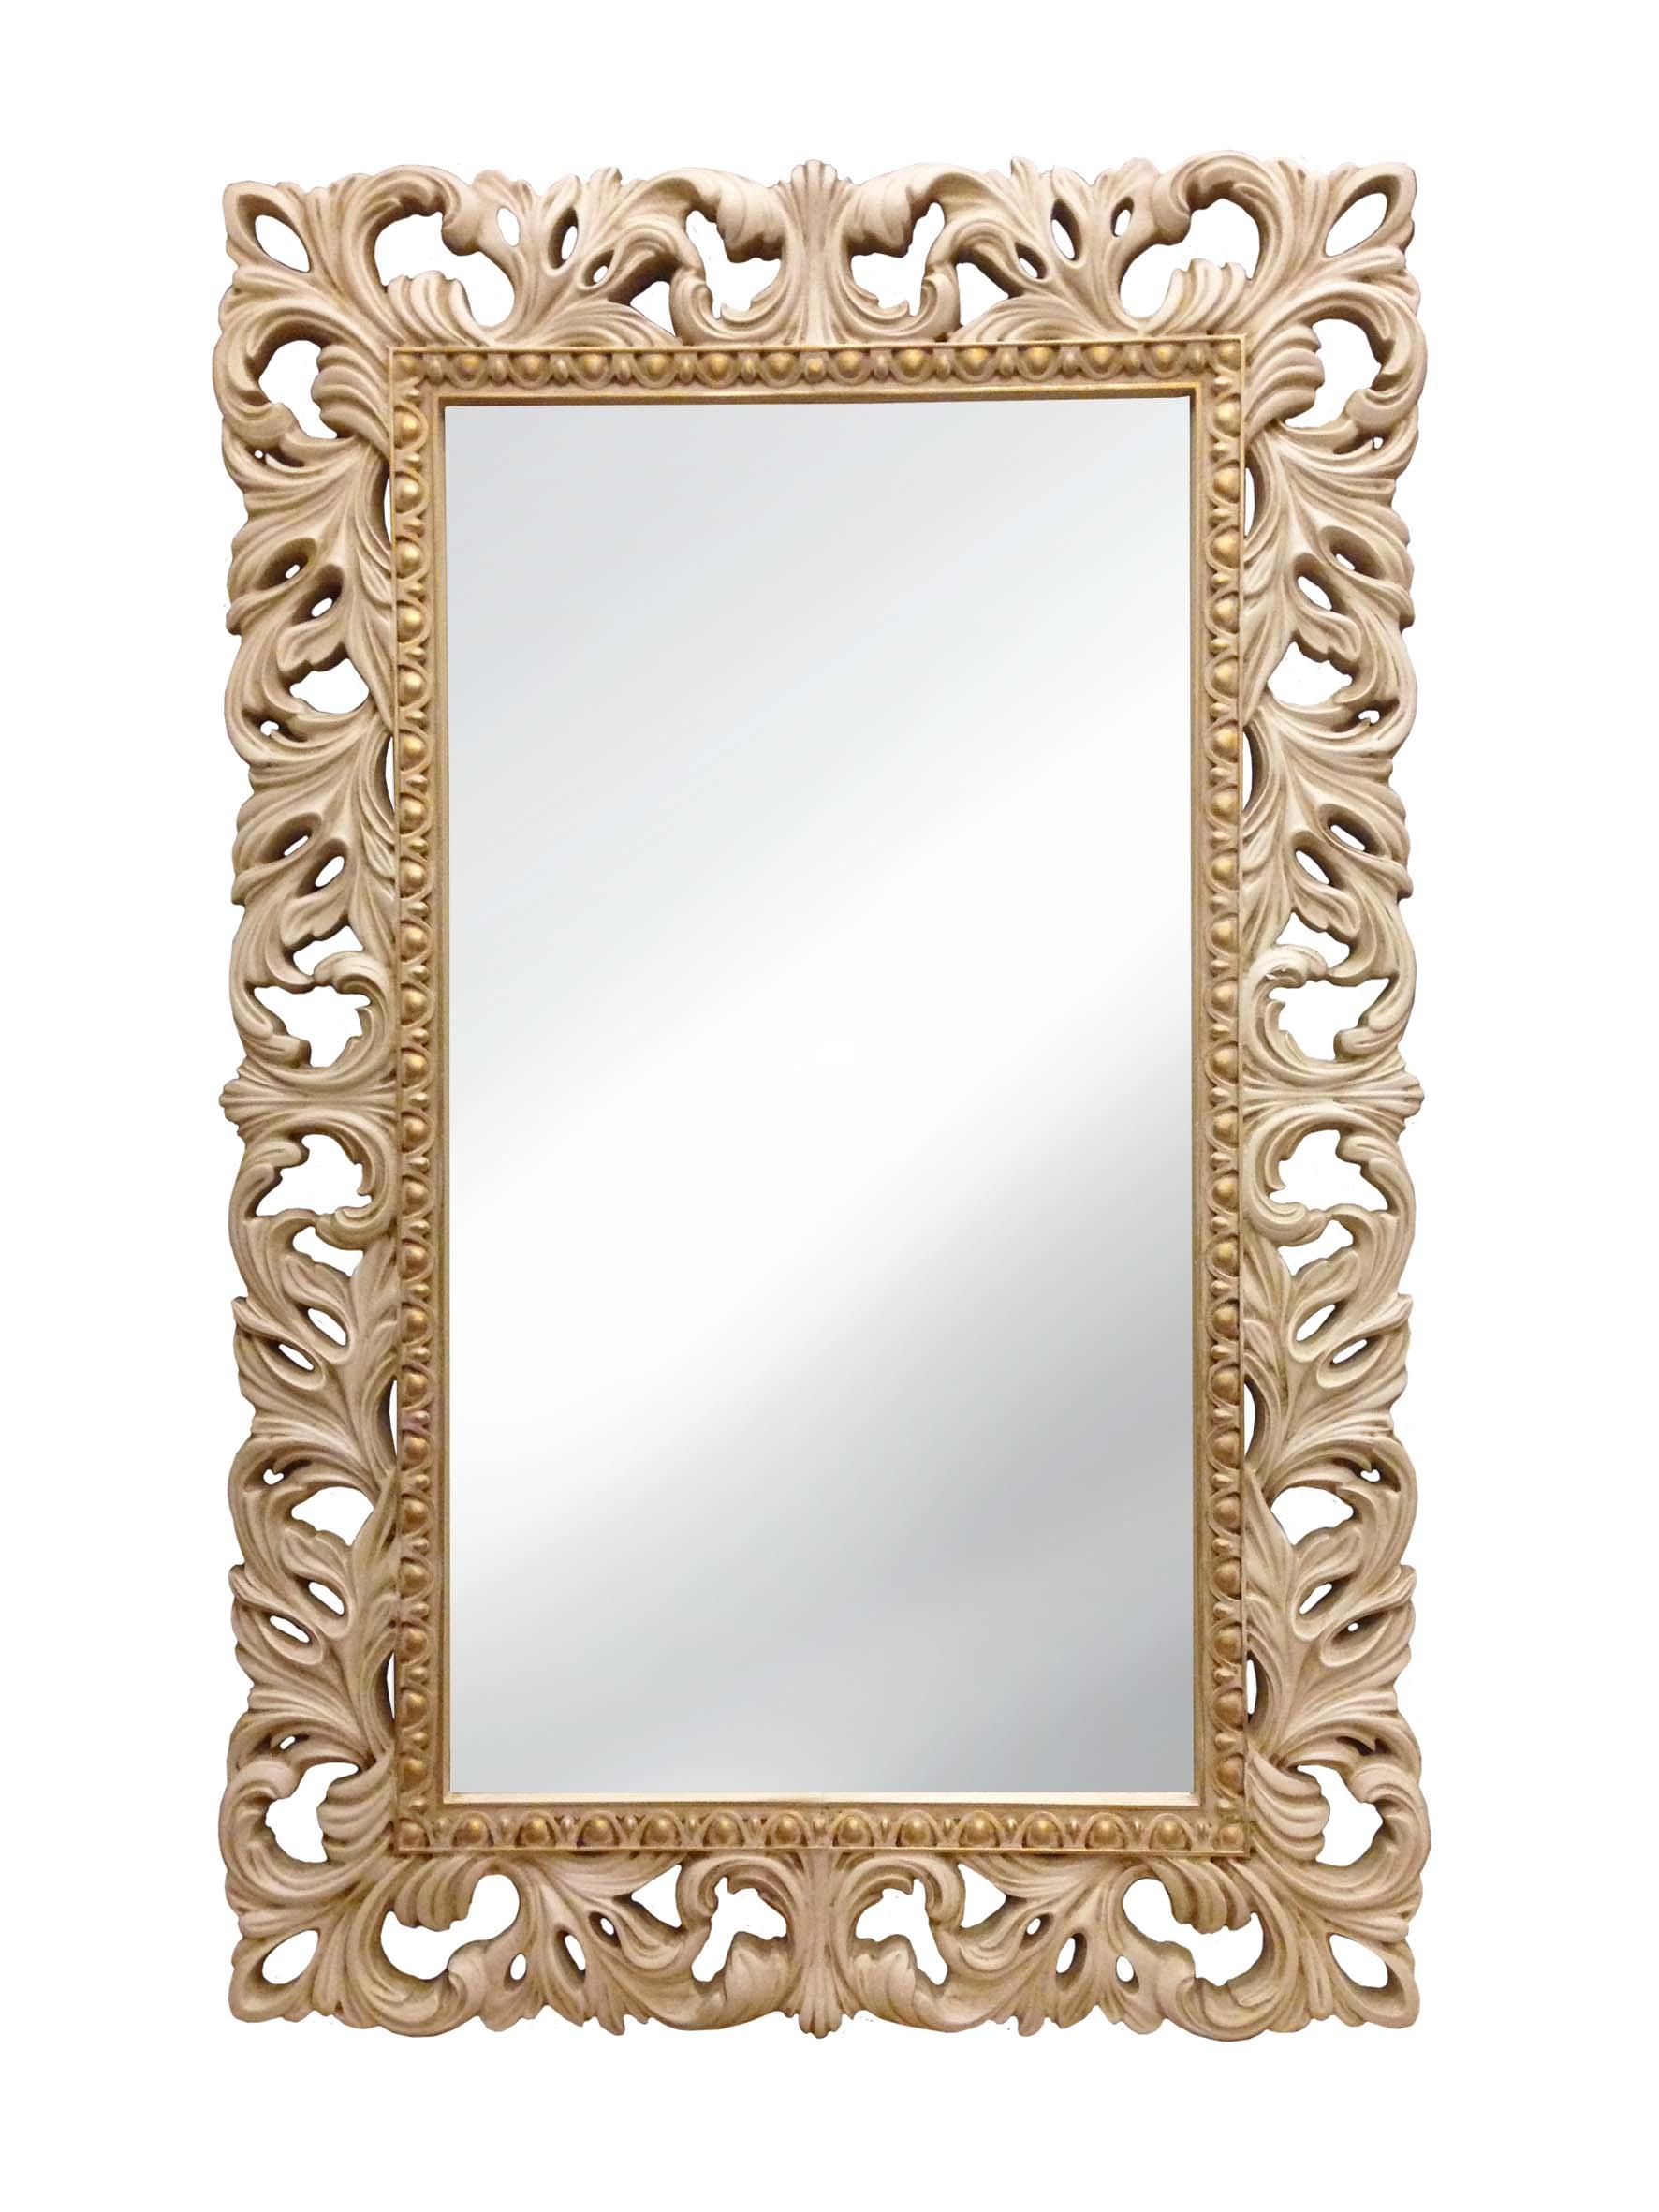 Купить Винтажное итальянское зеркало, inmyroom